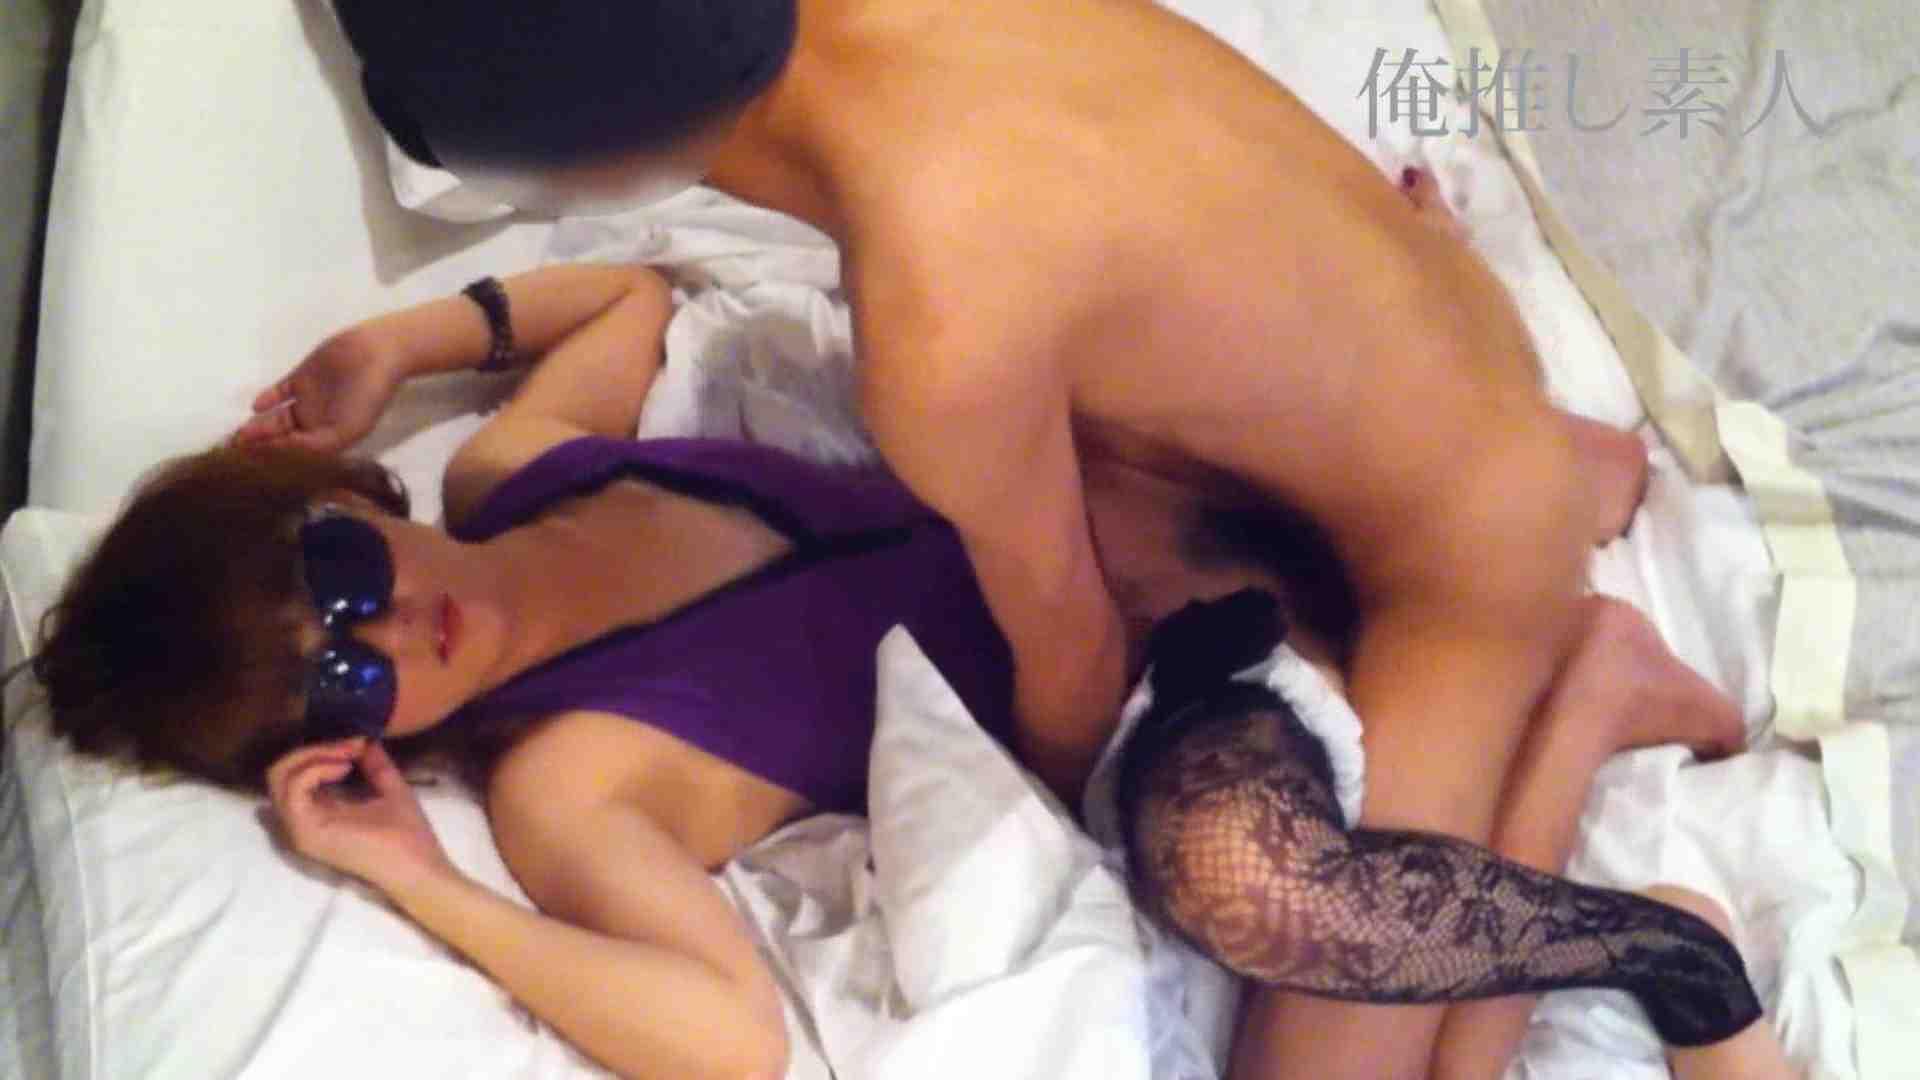 おまんこ丸見え 俺推し素人 キャバクラ嬢26歳久美vol2 大奥